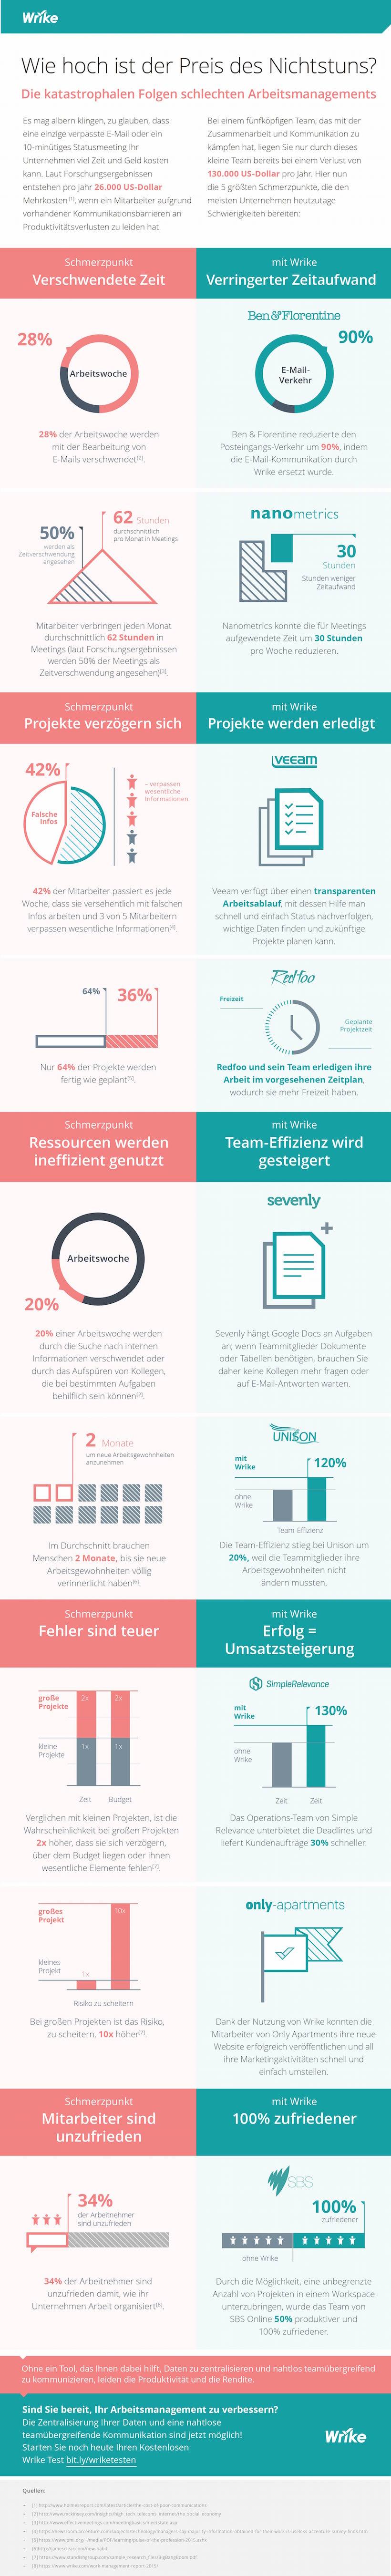 Nichts für die Verbesserung Ihres Arbeitsmanagements zu tun, kostet Sie richtig Geld (Infografik)